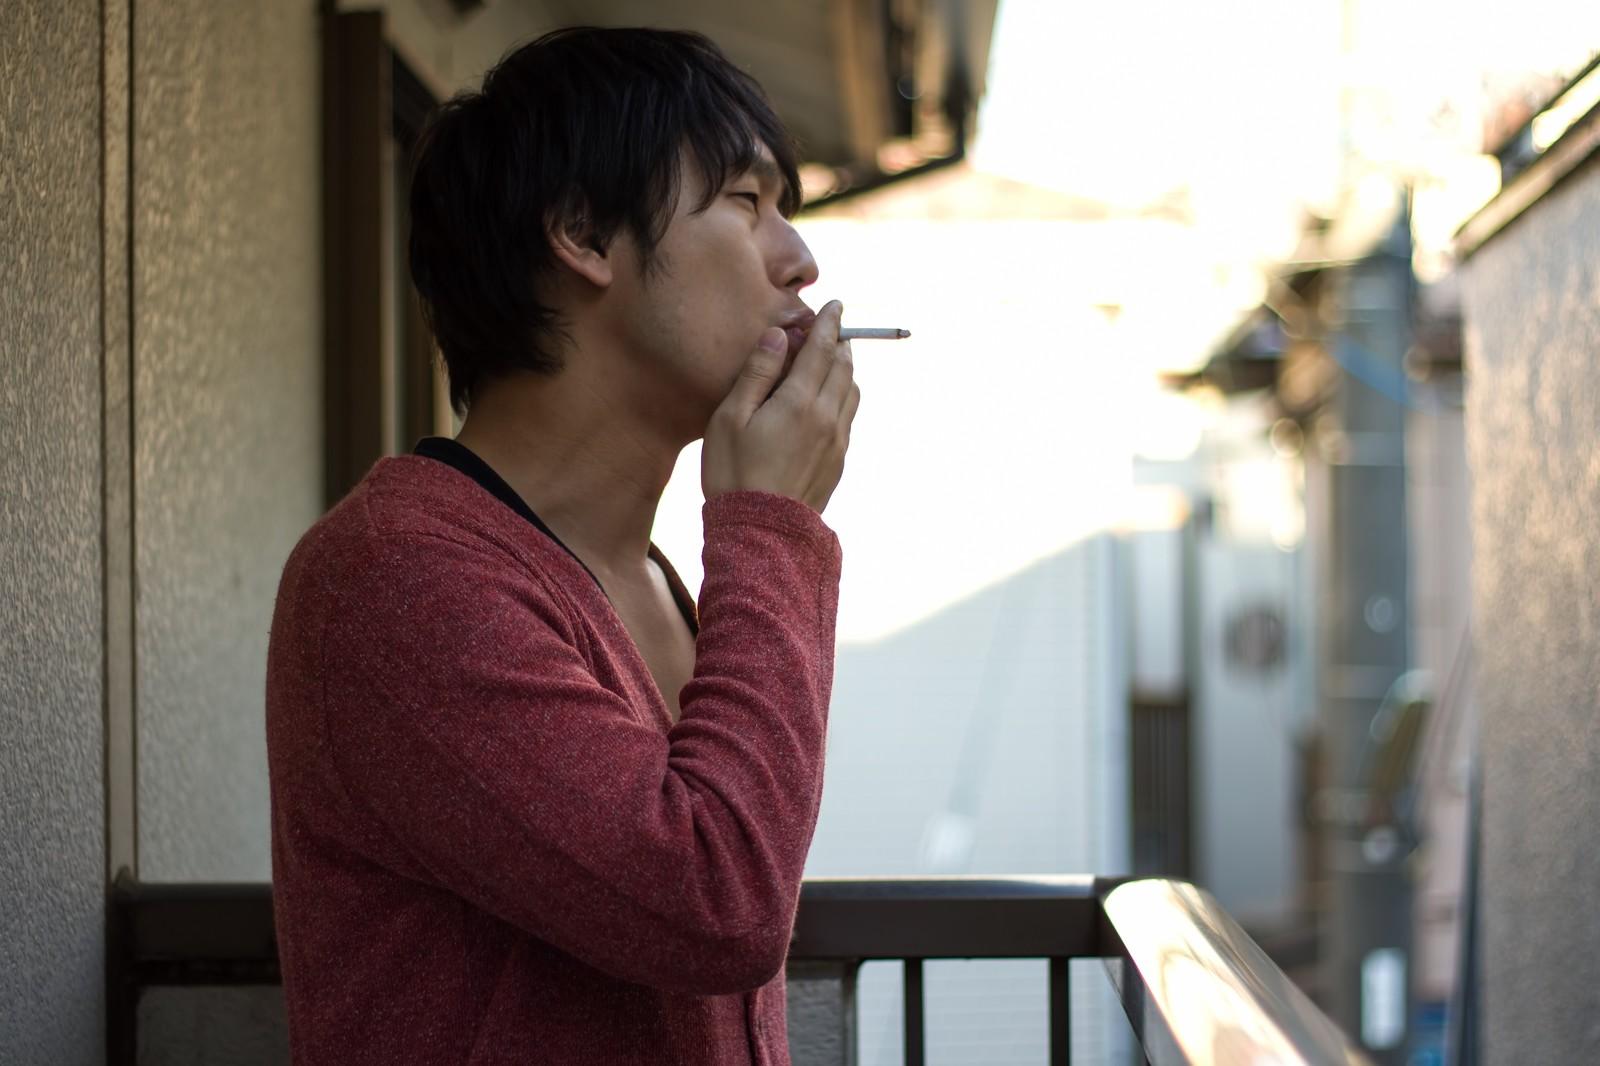 アラサー 禁煙